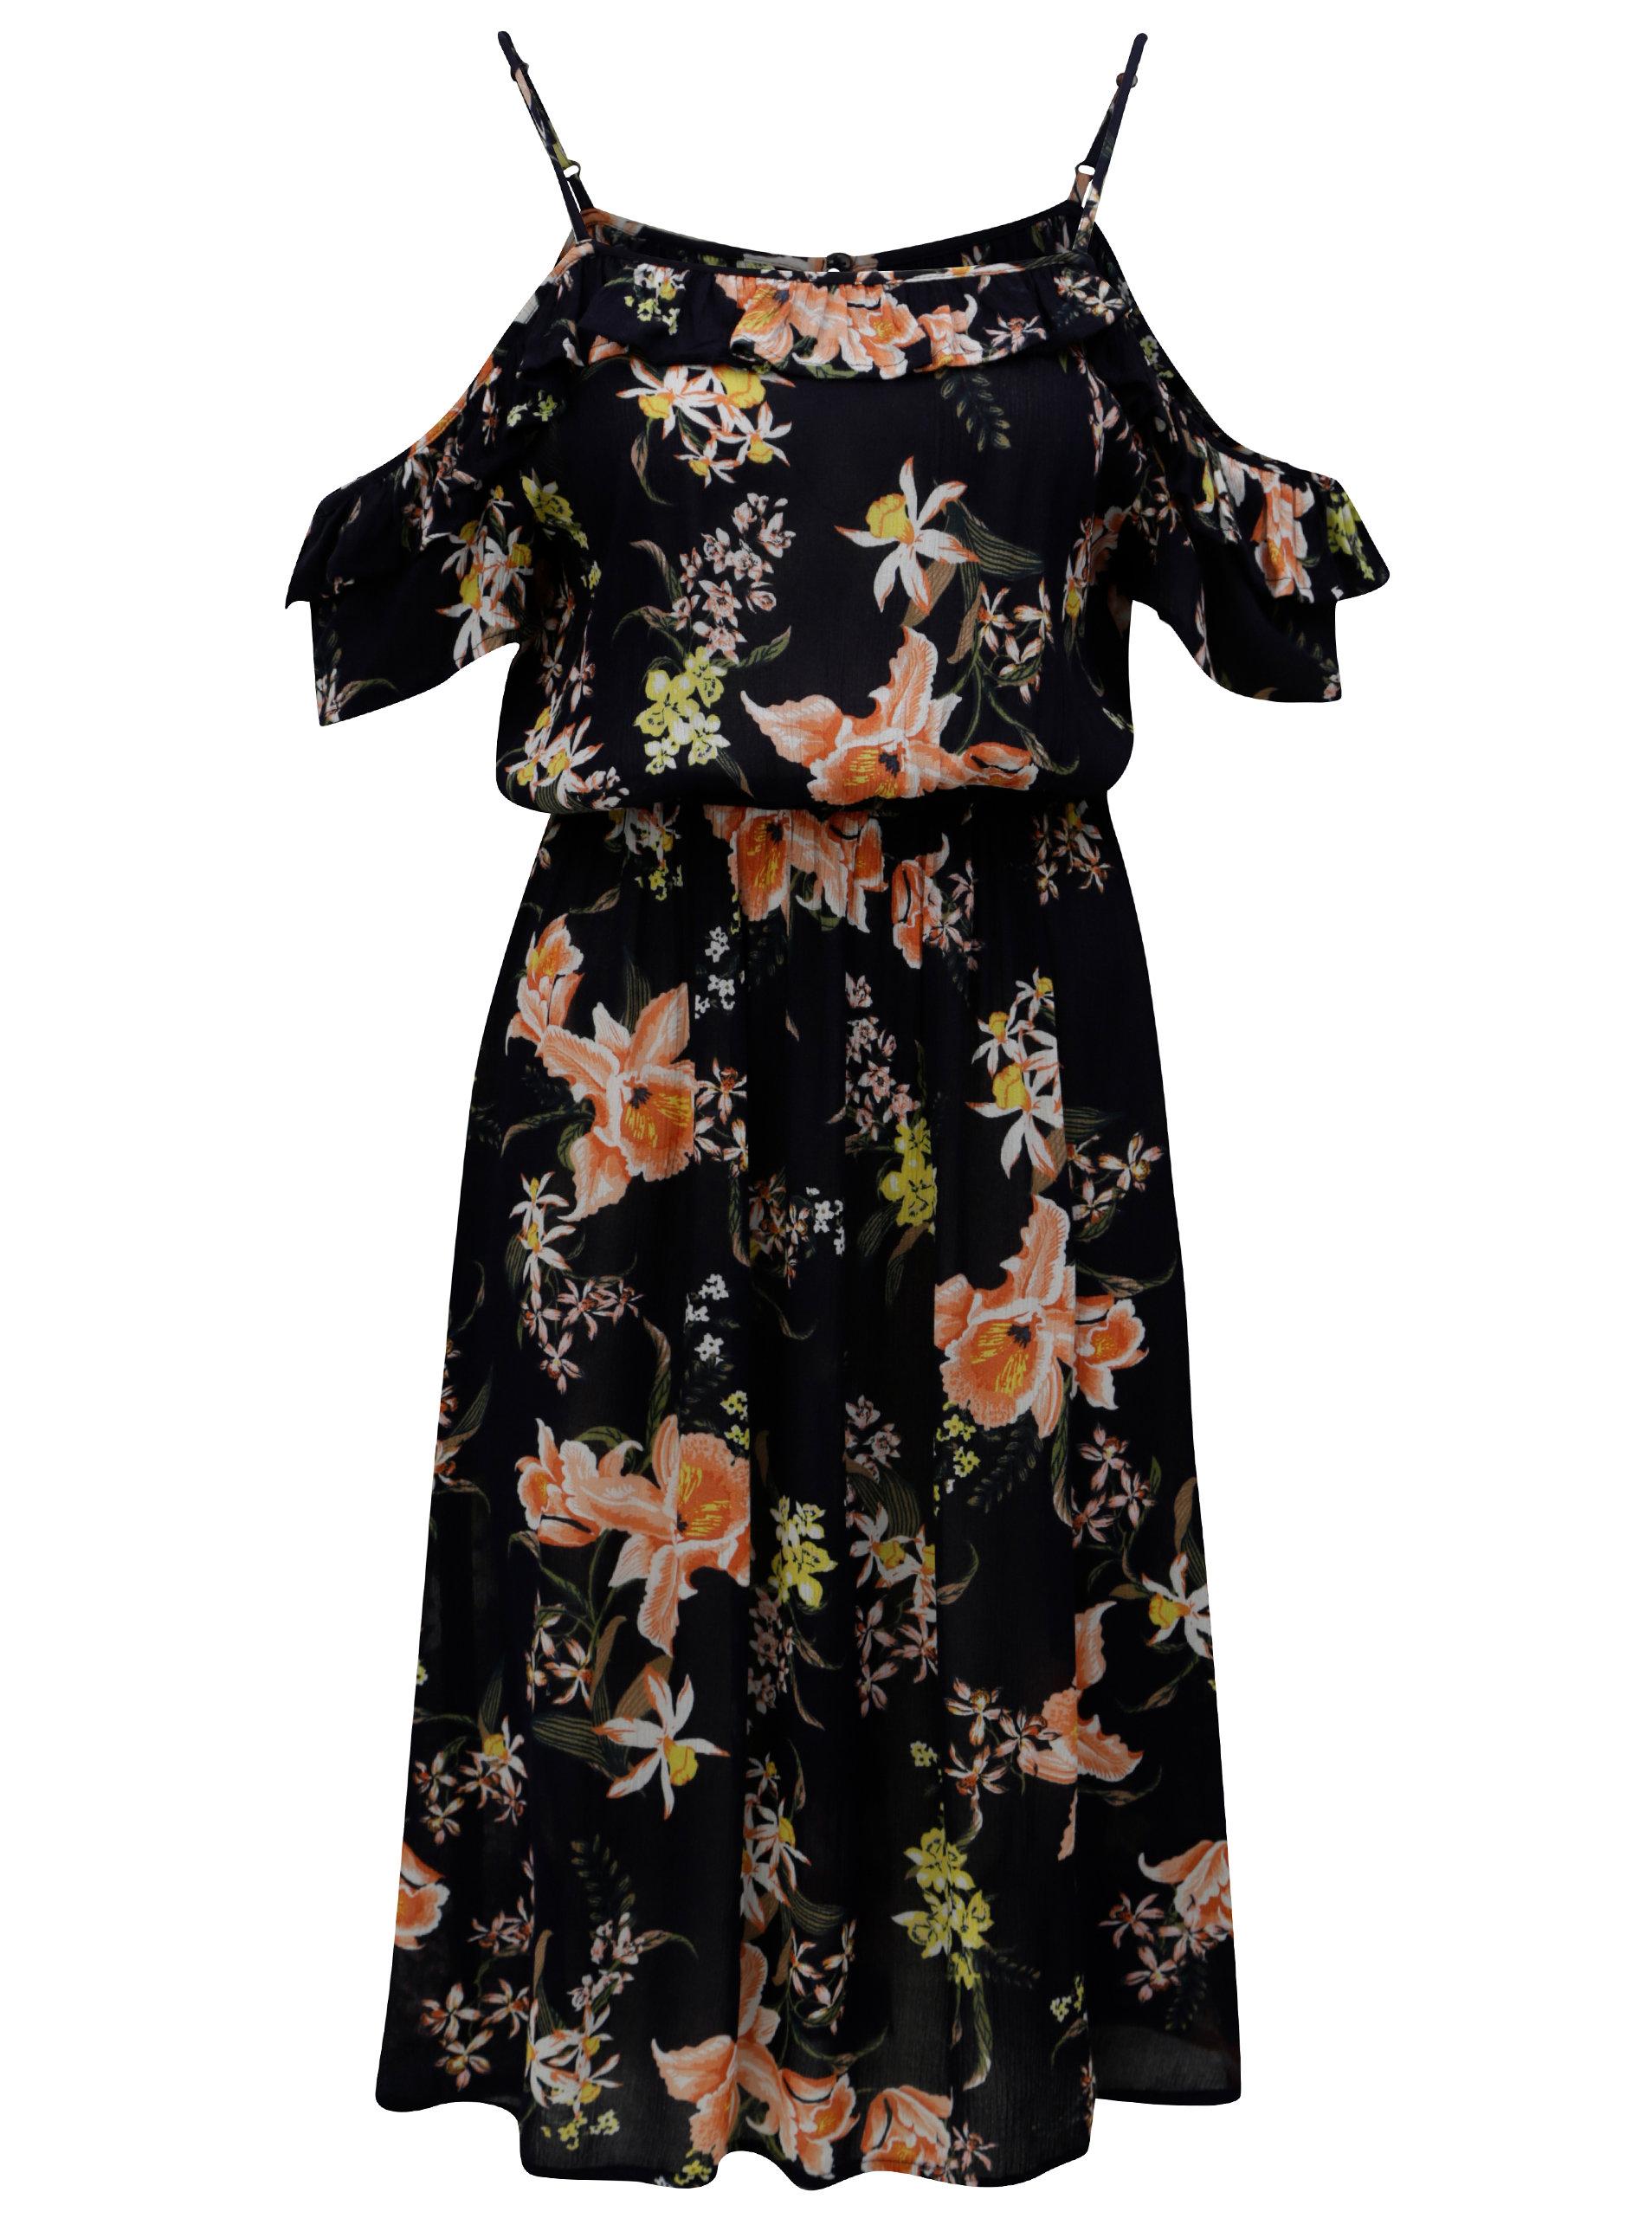 Tmavomodré kvetované šaty s odhalenými ramenami Dorothy Perkins ... 62f6cf94015